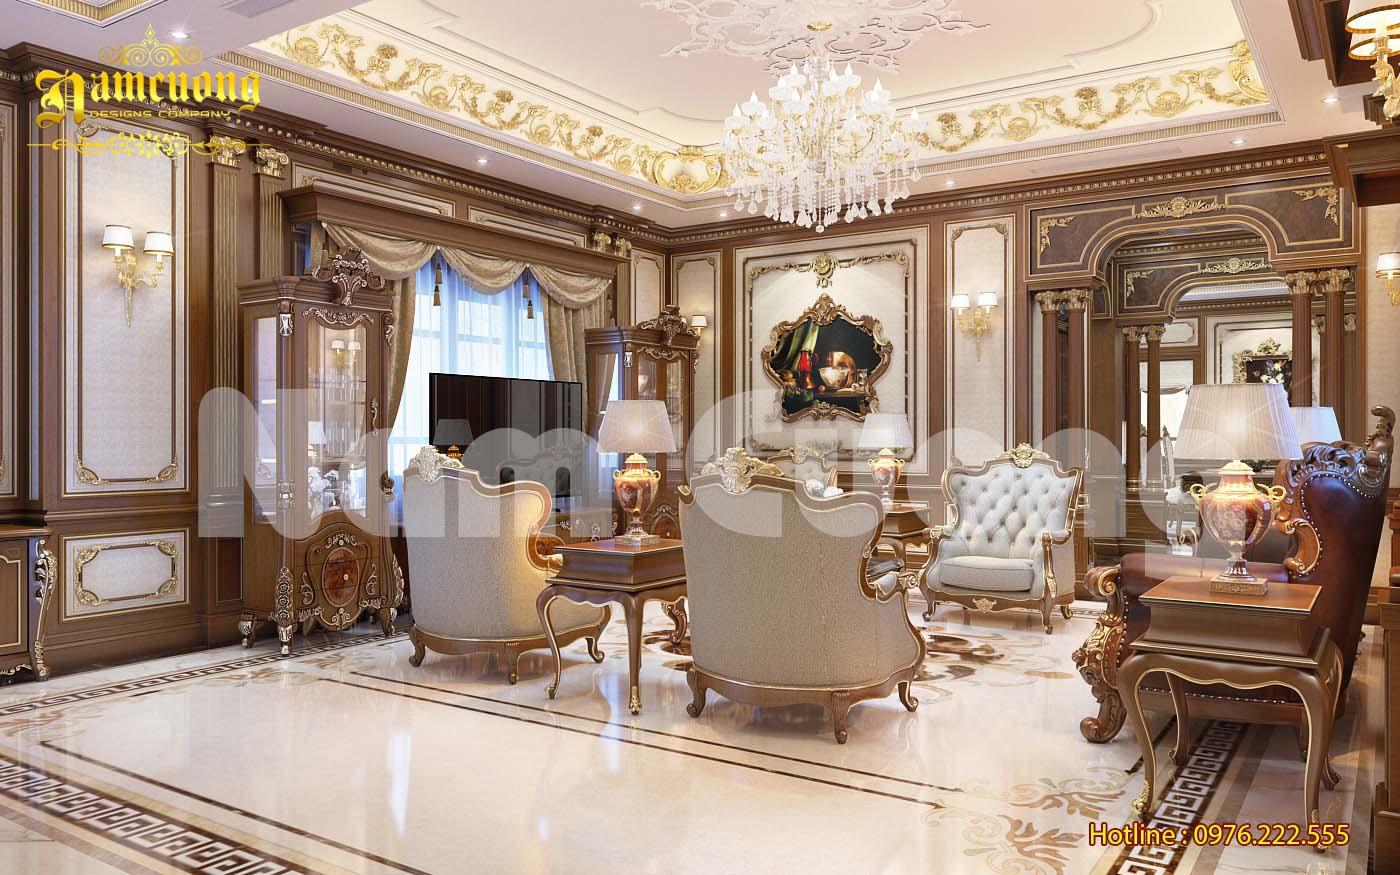 Nội thất phòng khách bếp cho biệt thự Pháp tại Hà Nội